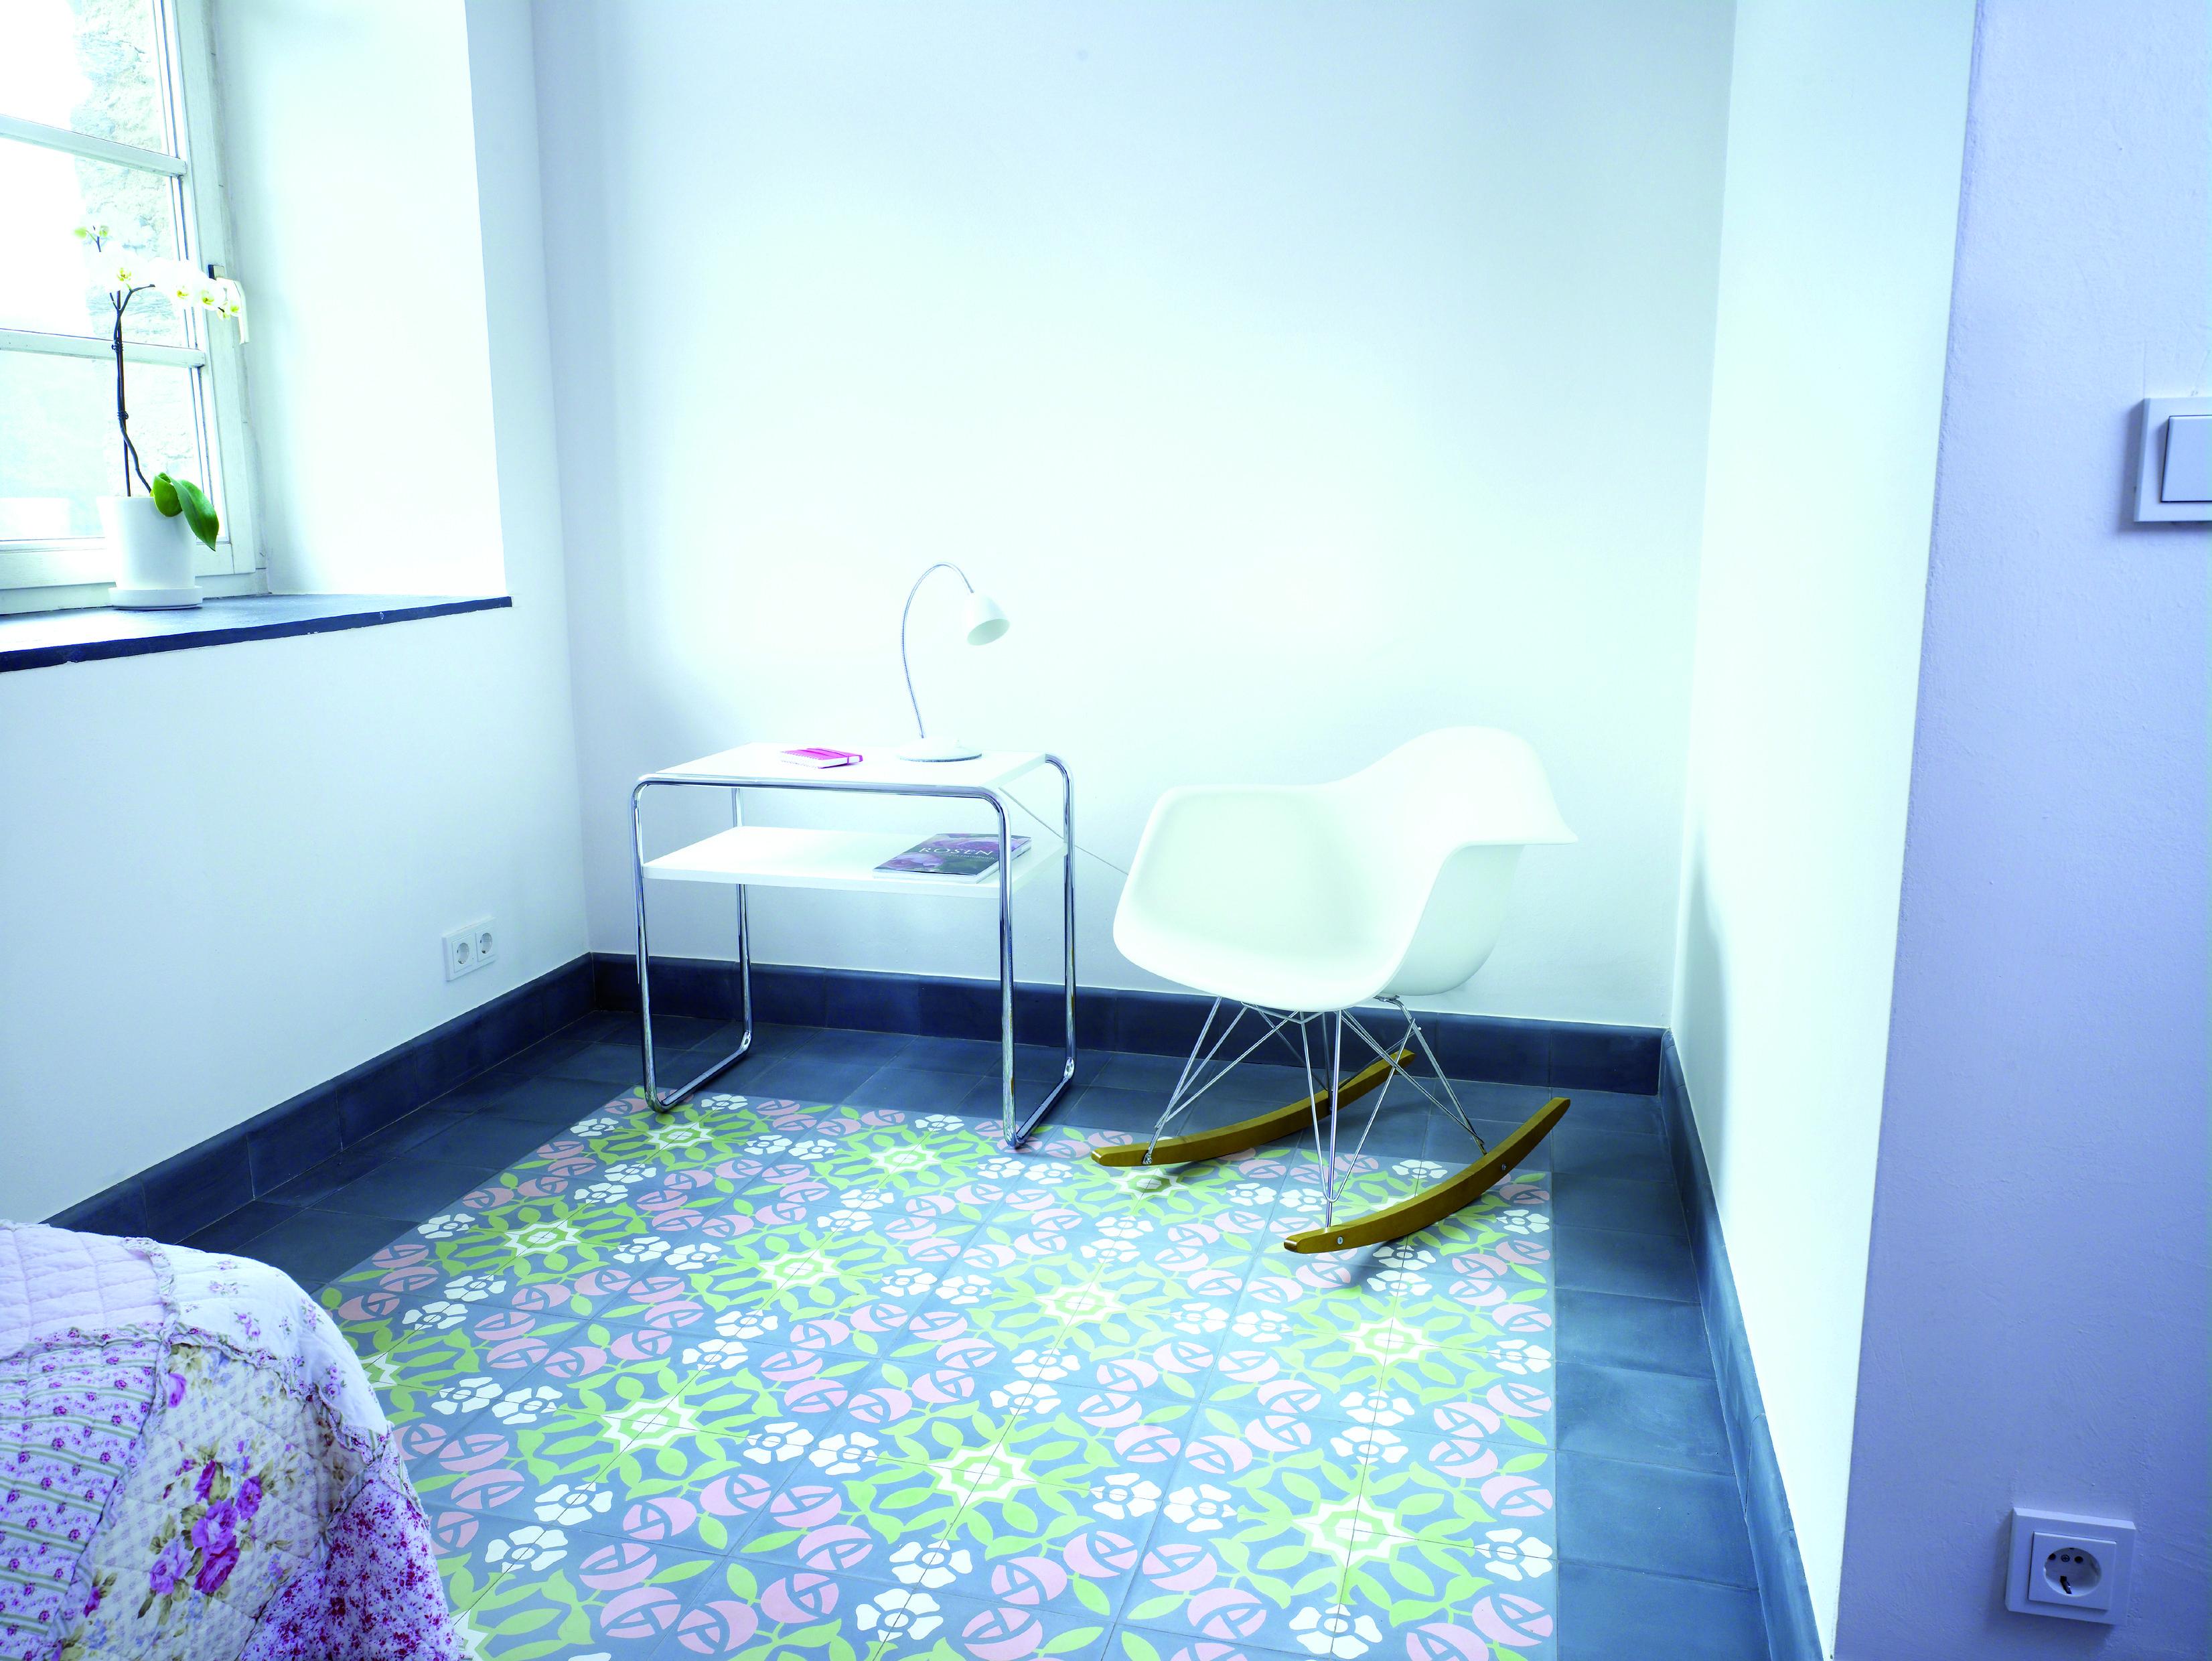 Schlafzimmer gardinen landhausstil scheibengardine for Scheibengardine schlafzimmer